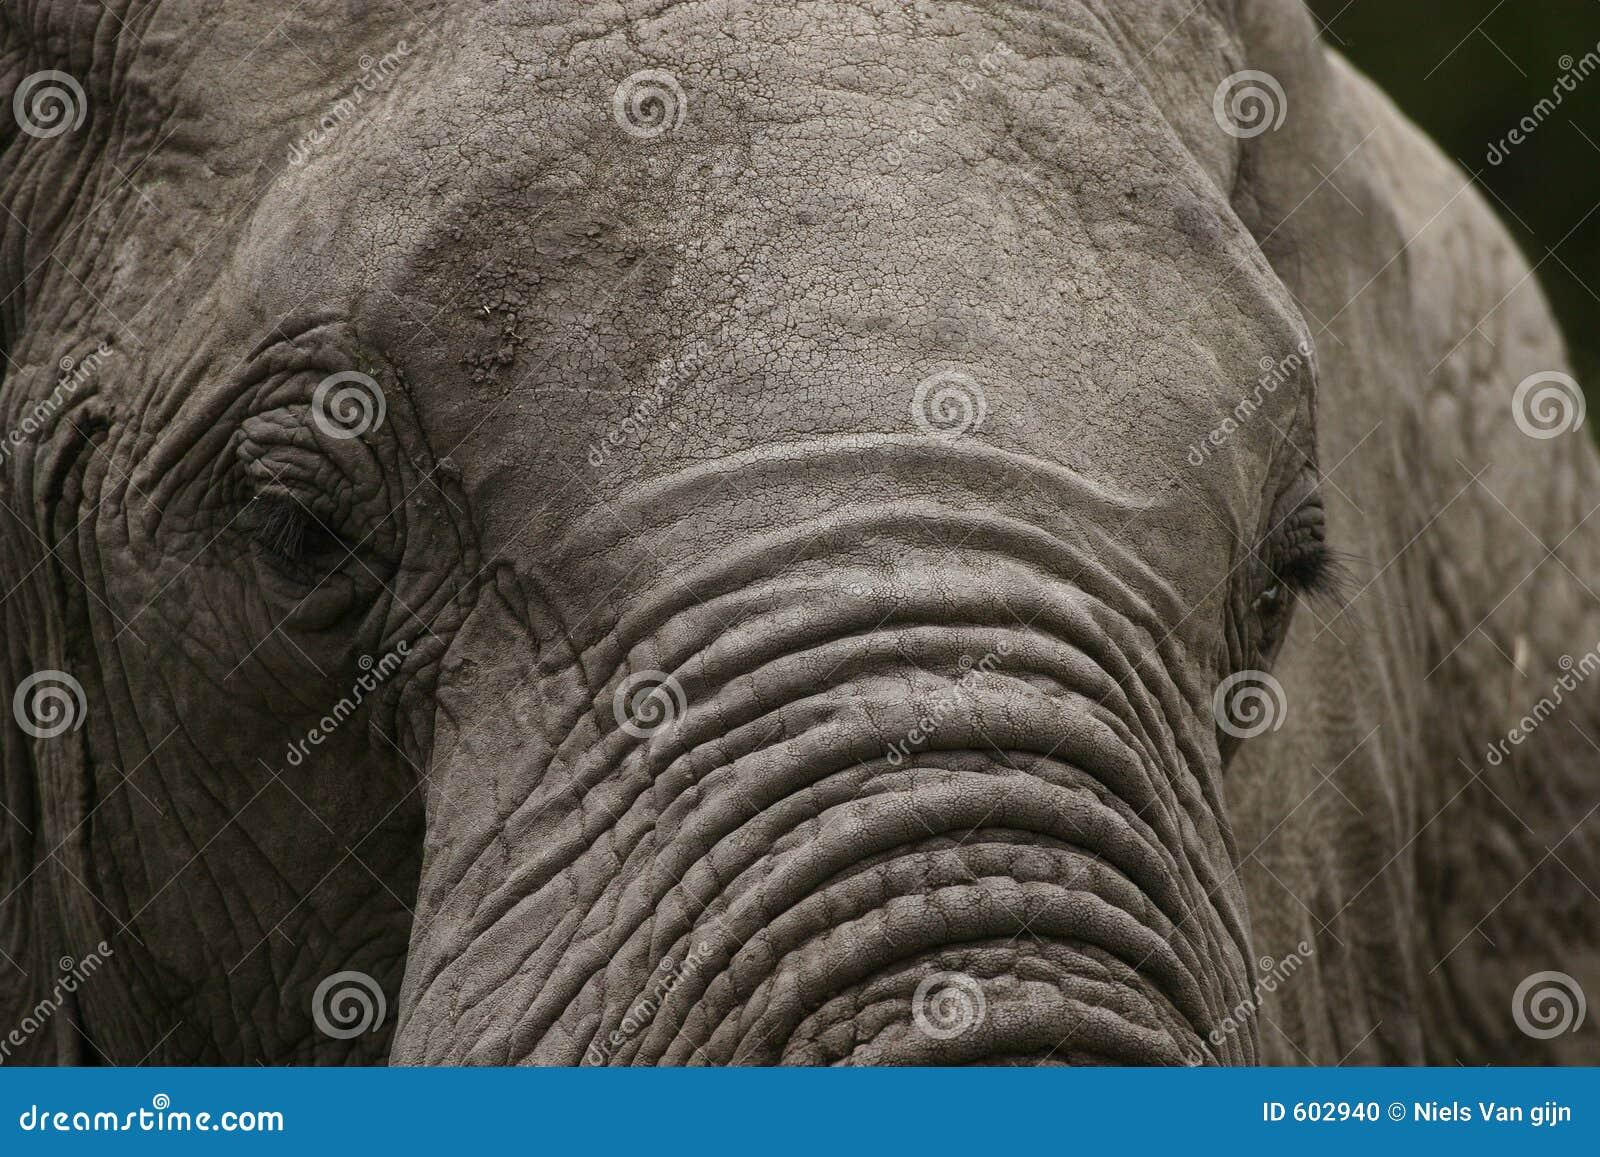 Oude, knapperige olifant